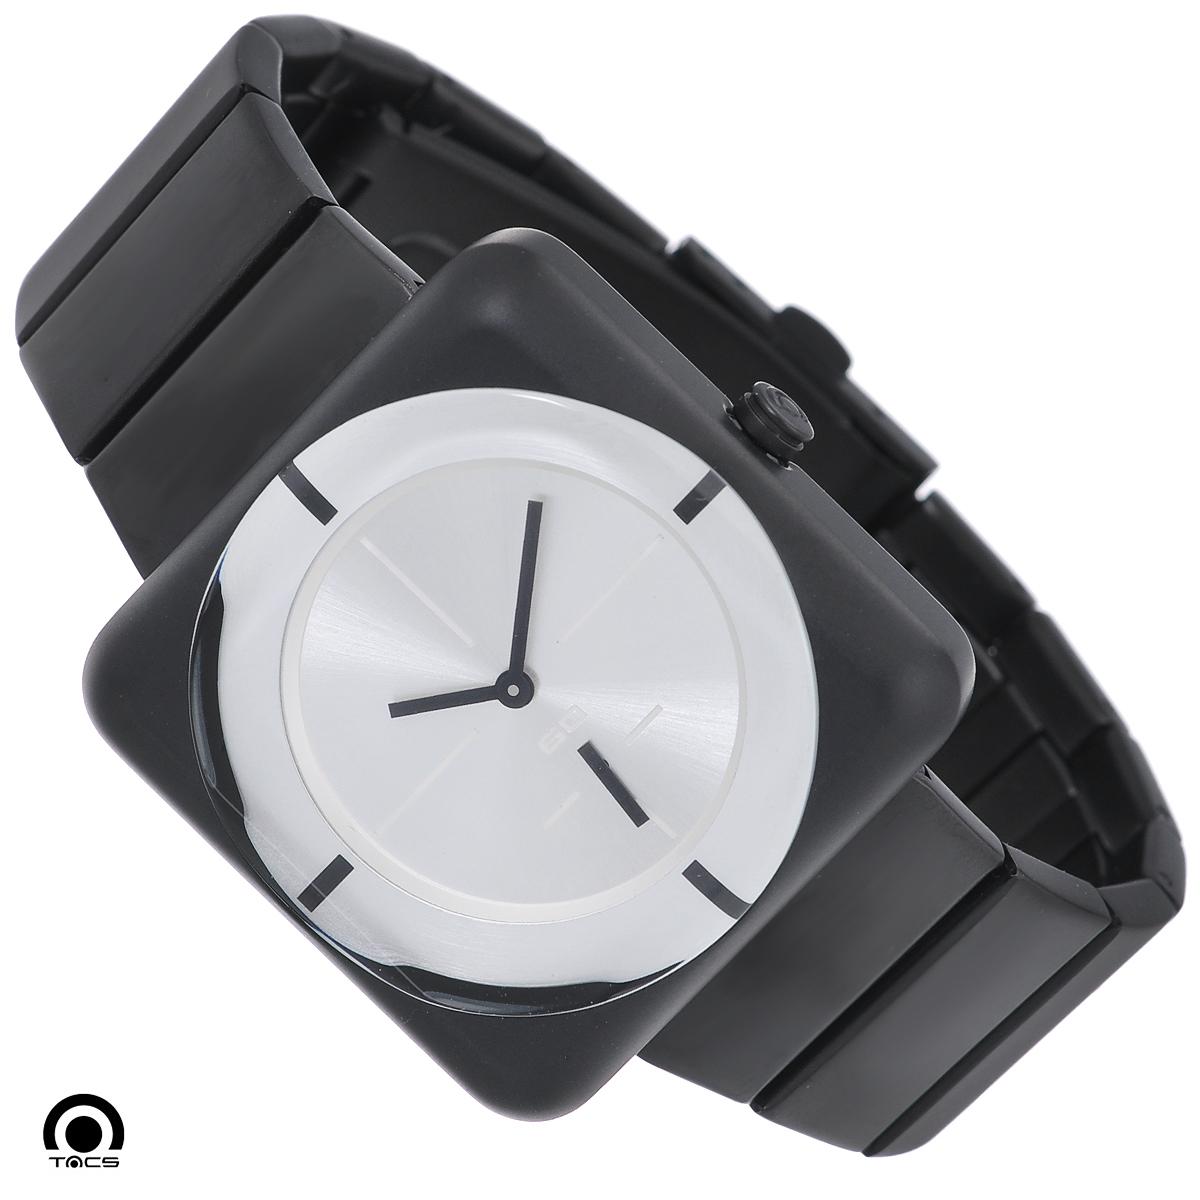 Часы мужские наручные Tacs Soap-M-C, цвет: черный, хром. TS1003CTS1003CОригинальные кварцевые наручные часы Tacs Soap-M-C созданы для людей, ценящих качество, практичность и индивидуальность в каждой детали. Часы выполнены в минималистическом стиле. Строгая однотонная цветовая гамма позволяет сочетать часы с любыми предметами гардероба. Часы оснащены японским кварцевым механизмом MIYOTA 1L45. Квадратный корпус с закругленными углами выполнен из нержавеющей стали с PVD-покрытием. Корпус водонепроницаемый, что позволяет заниматься плаванием в часах. Круглый циферблат оформлен в строгом лаконичном стиле: имеется три стрелки и 4 основных метки. Циферблат защищен прочным минеральным стеклом, устойчивым к царапинам и повреждениям. Браслет часов, выполненный из нержавеющей стали с PVD-покрытием, долговечен и очень практичен в использовании. Застегивается на застежку-клипсу с двумя кнопками по бокам. Часы Tacs покорят вас привлекательными формами и лаконичным дизайном, а высокое качество и практичность позволят использовать их...